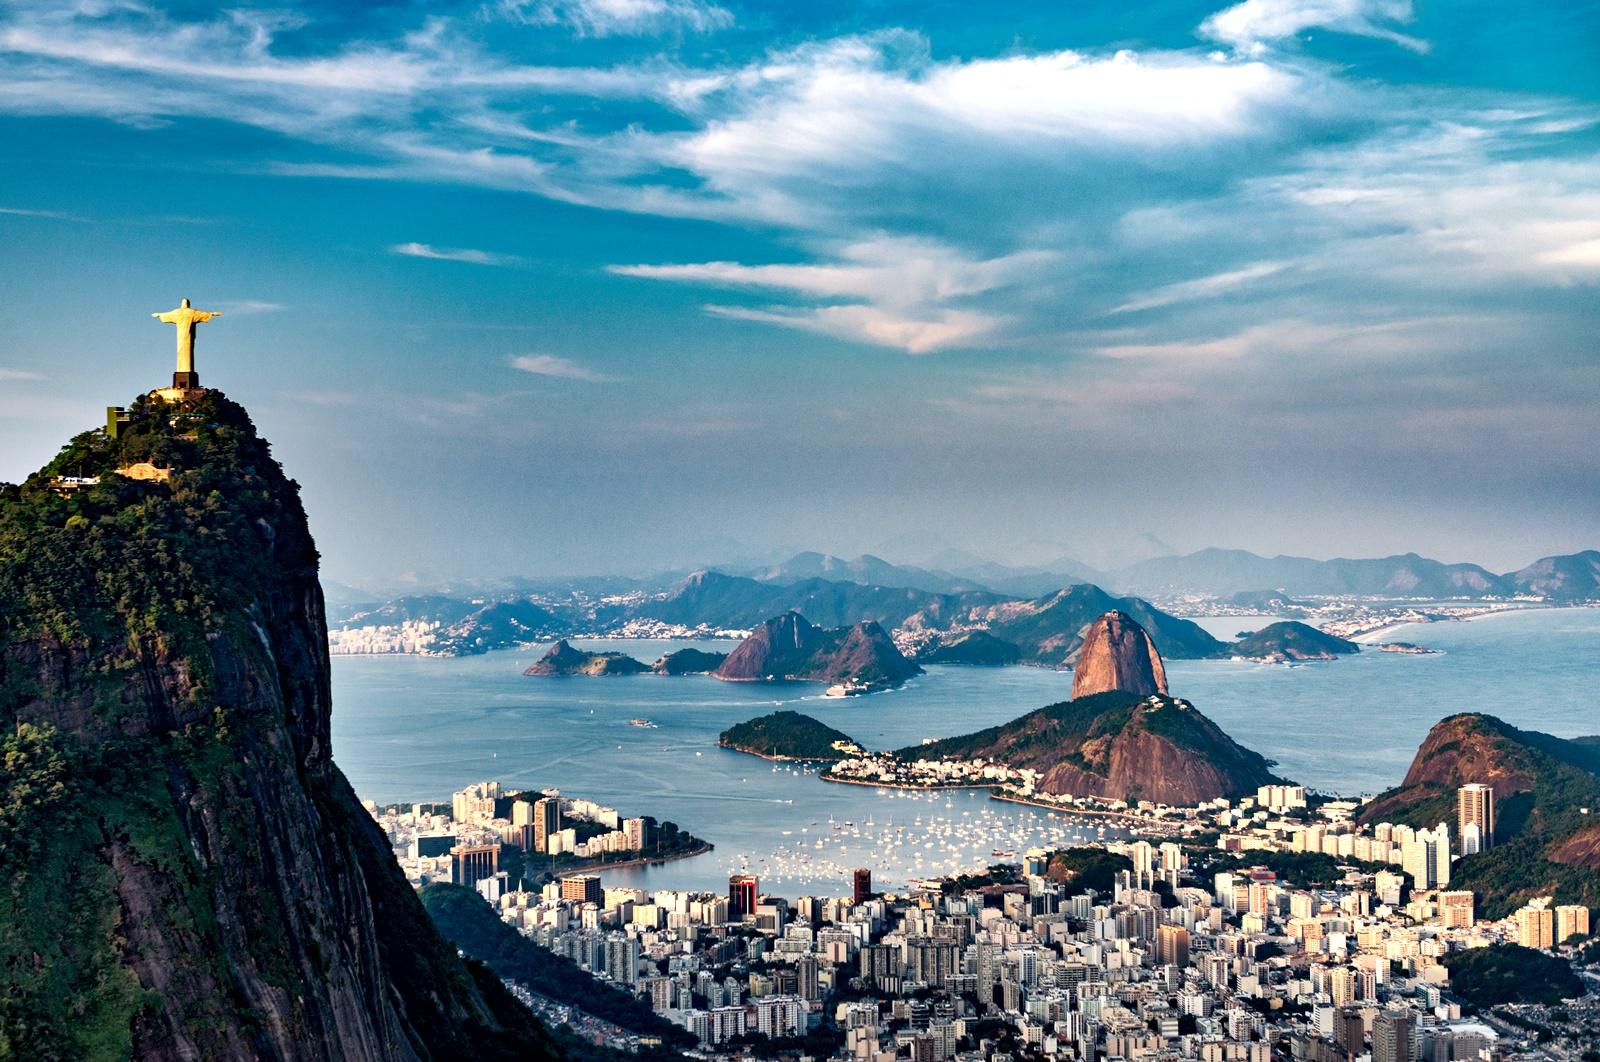 В Бразилия празникът носи името Dia de Ação de Graças, което в превод си е Ден на благодарността и дори се чества на същата дата като американския празник. Празникът е вдъхновен от американския и има религиозни елементи. Денят започва с църковна служба и продължава с фестивал до вечерта, а на празничната трапеза присъстват традиционните и за САЩ храни.<br />